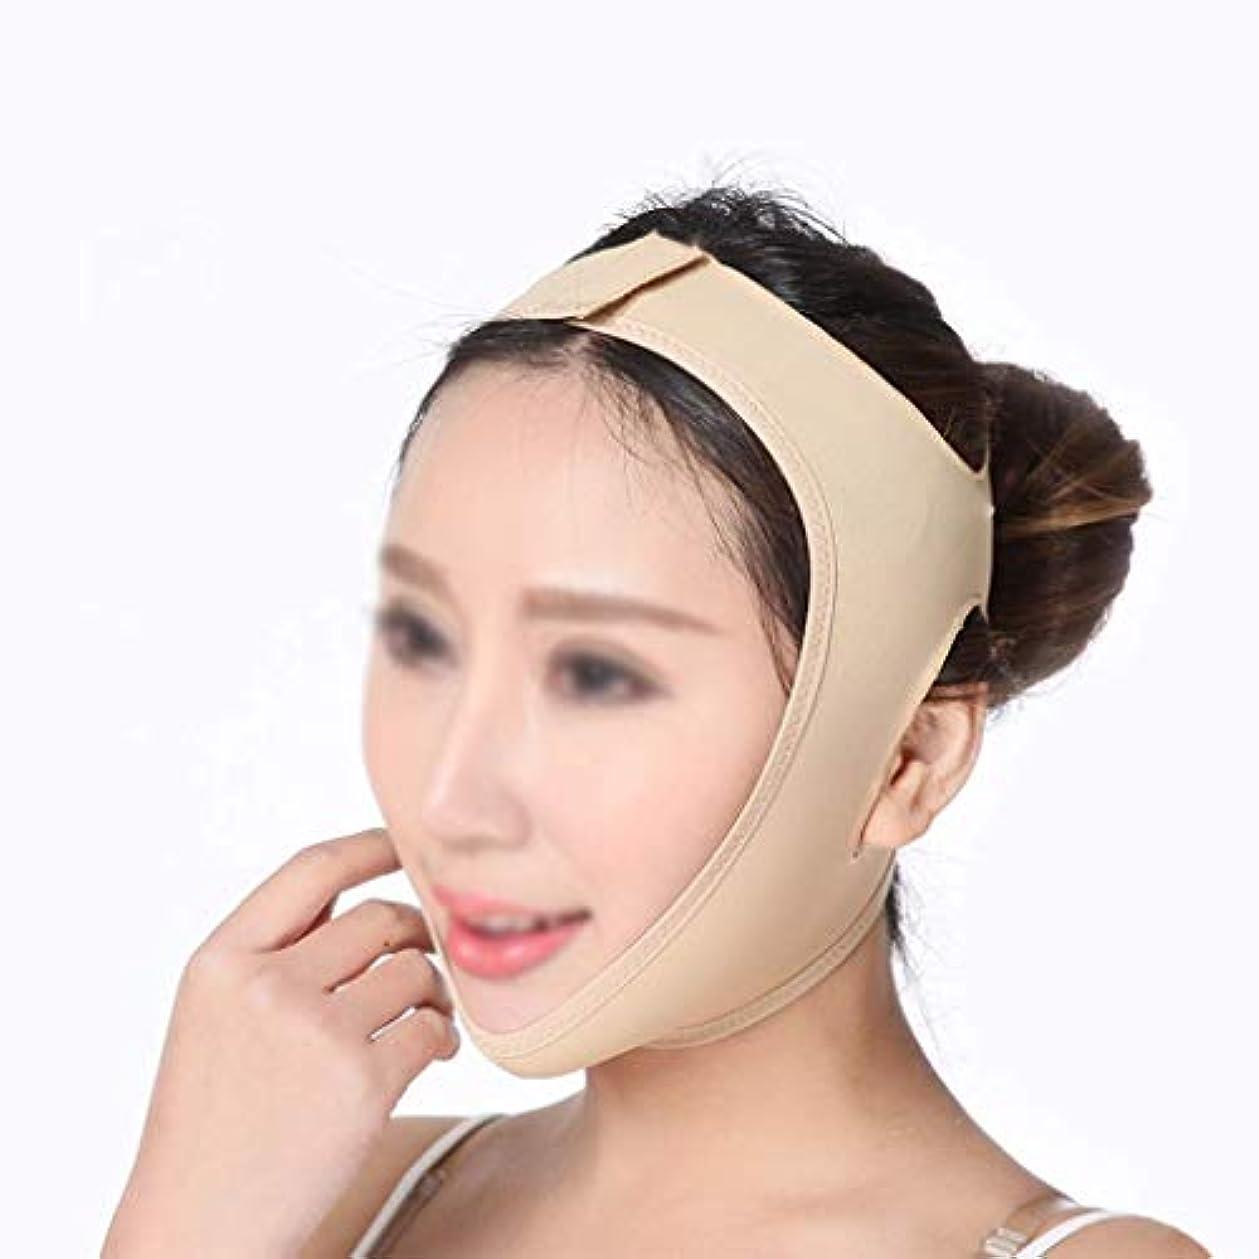 輝く摂氏度アドバイスフェイシャルチークリフティングマスク、ダブルチンとフェイスを効果的に改善、フェイスリフト包帯、ダブルチンを減らす(サイズ:L),S